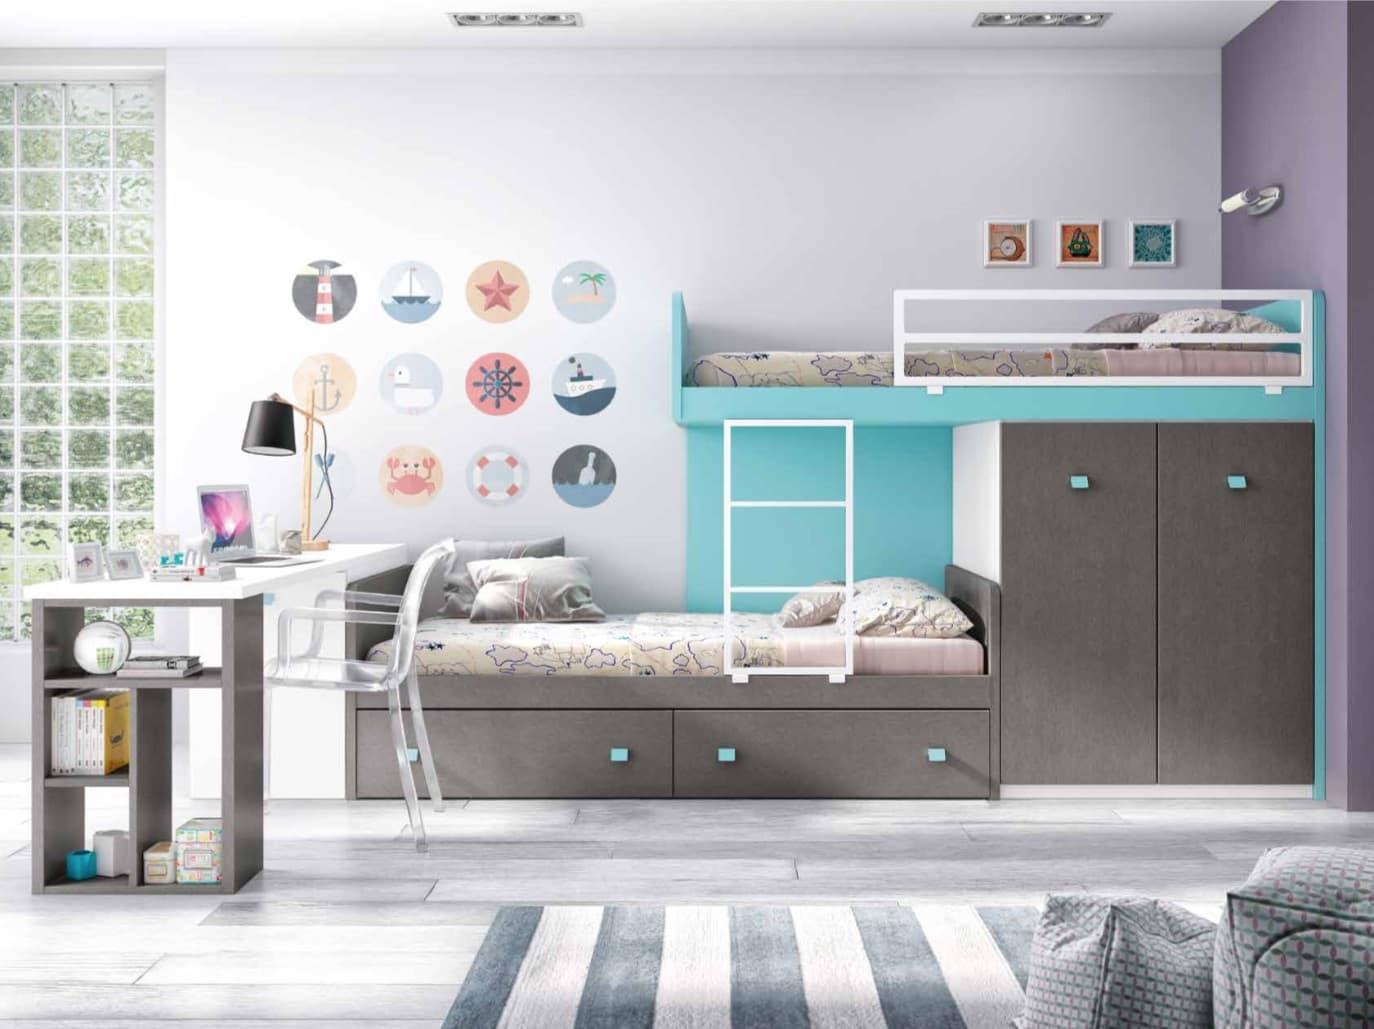 lits superposes pour enfants les moins chers de notre. Black Bedroom Furniture Sets. Home Design Ideas